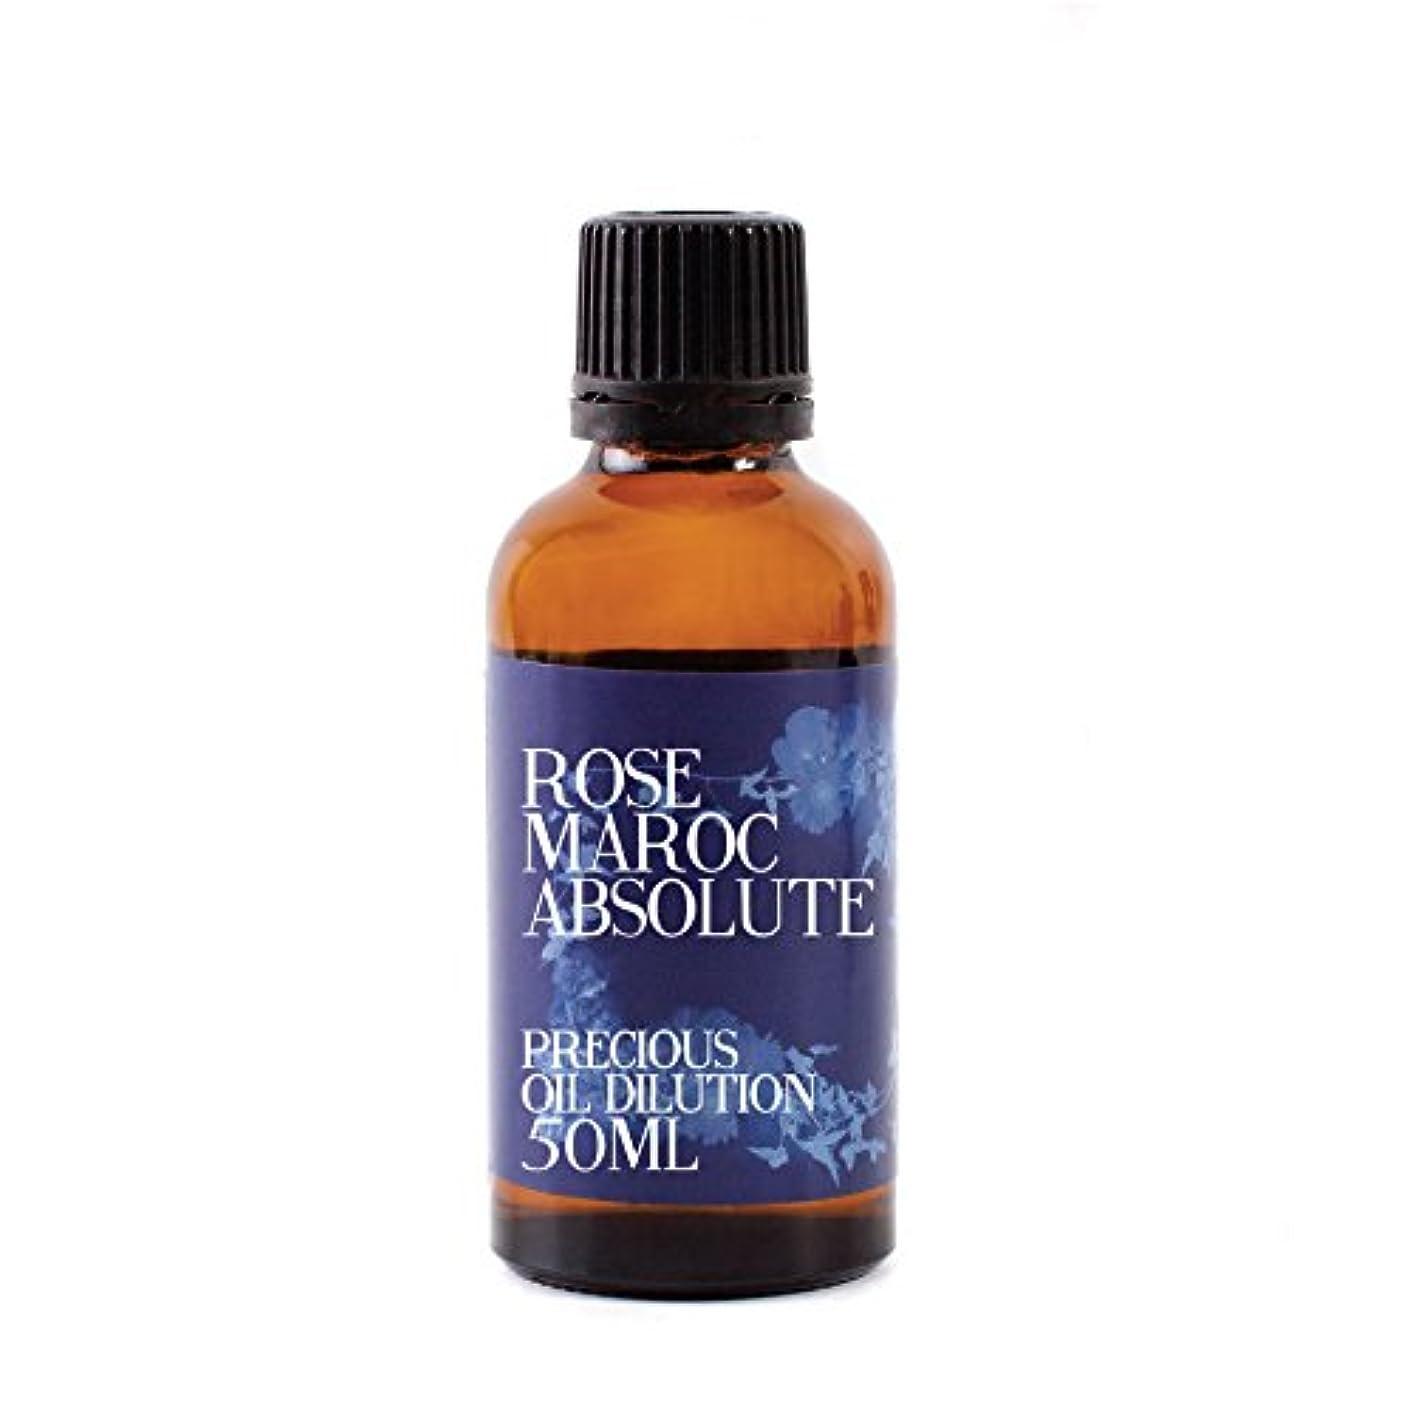 ウガンダうぬぼれ活力Rose Maroc Absolute Oil Dilution - 50ml - 3% Jojoba Blend